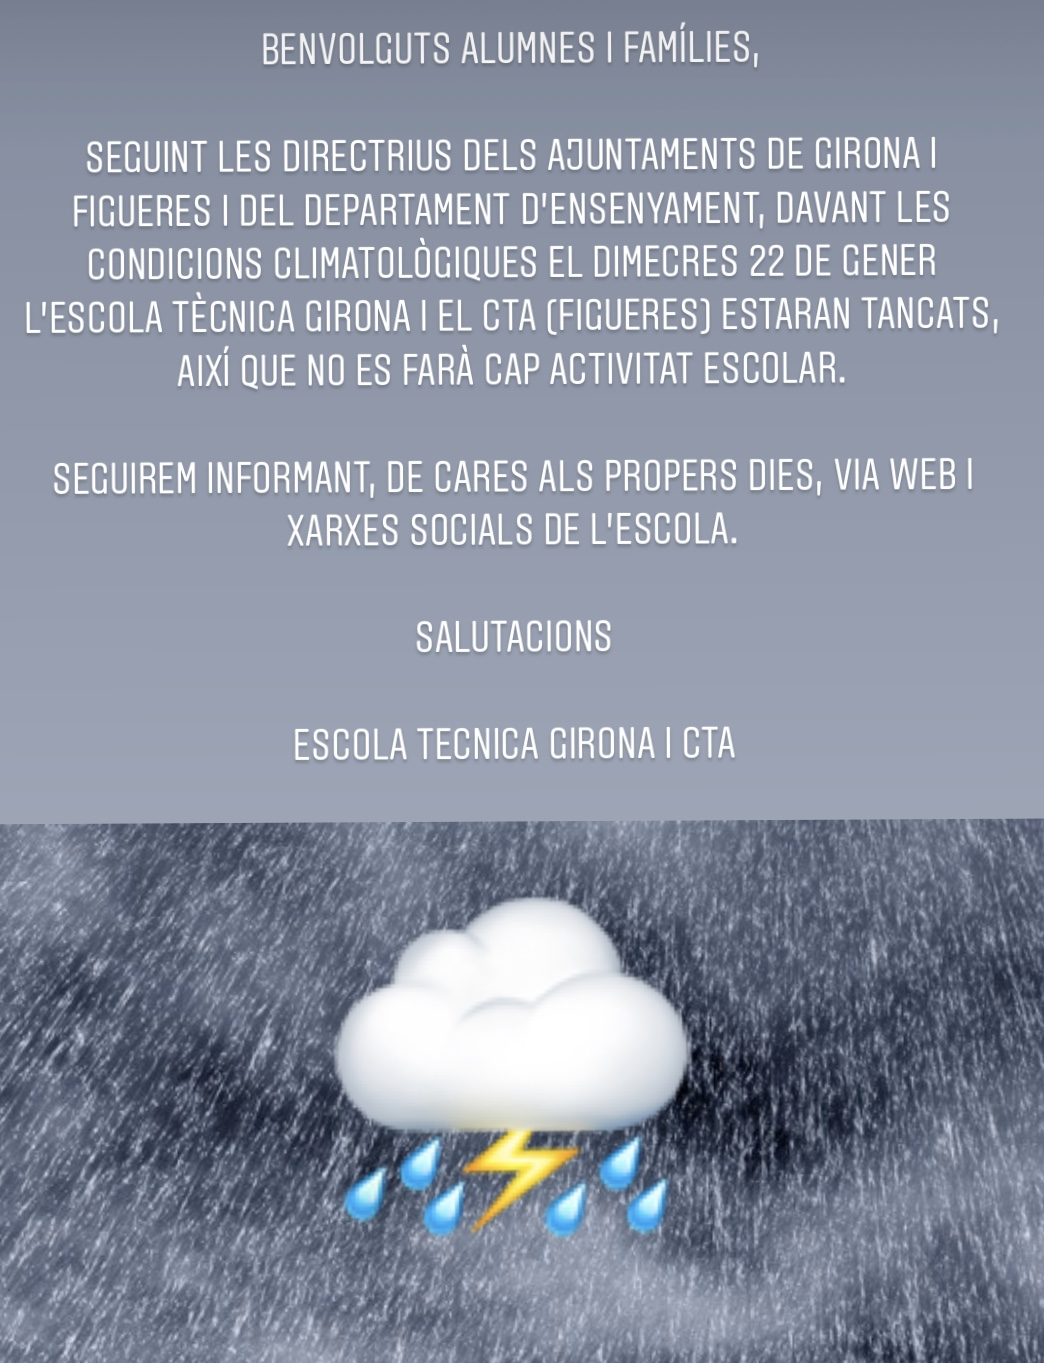 Demà dimecres 22 de gener l'Escola Tècnica Girona i el CTA (Figueres) estaran tancats